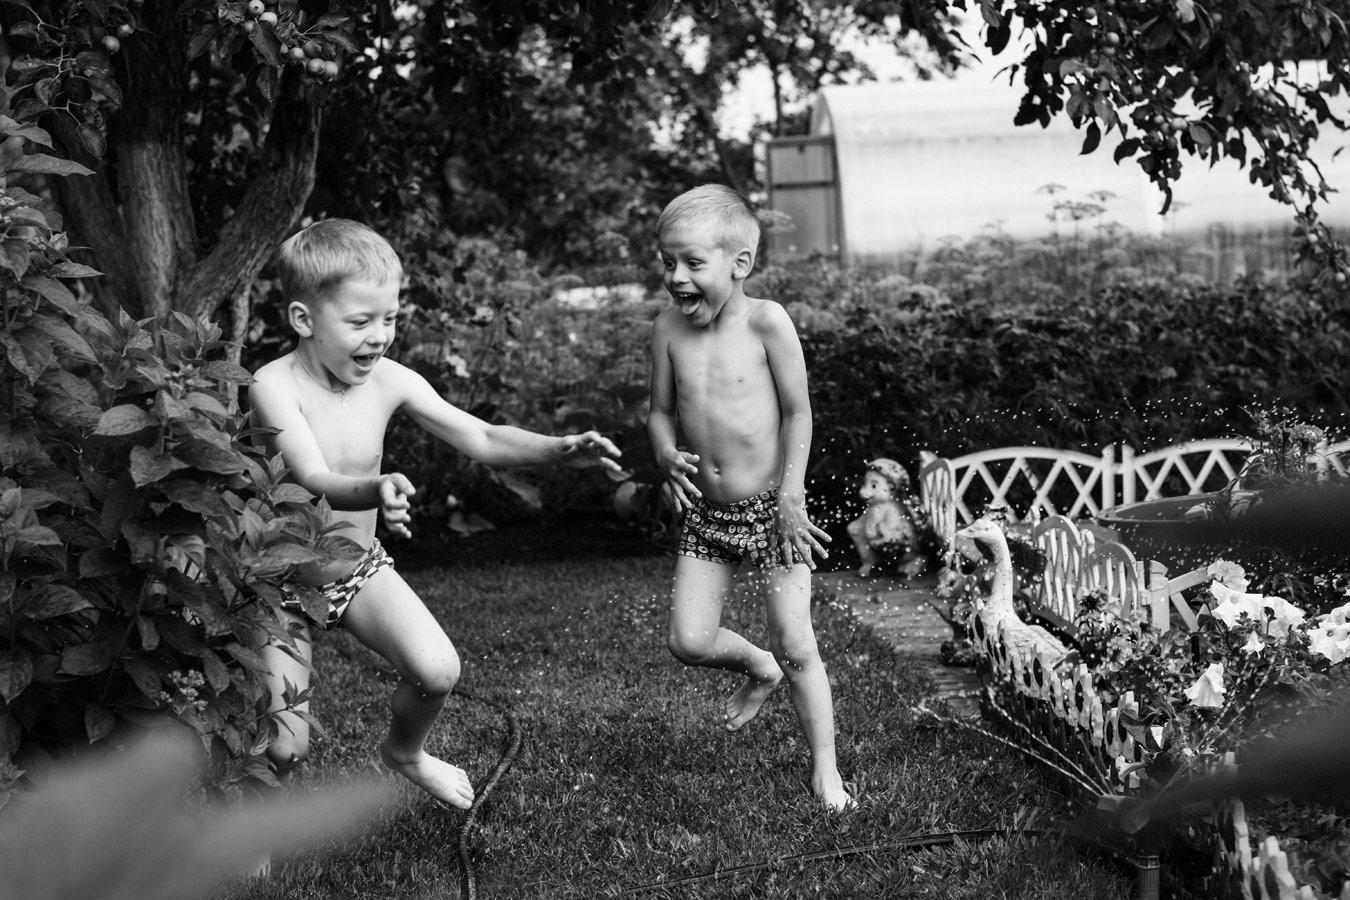 Лето - маленькая жизнь, © Екатерина Гусельникова, Эмоции в кадре, 2 место - Любители, Фотоконкурс Nikon «Я в сердце изображения»